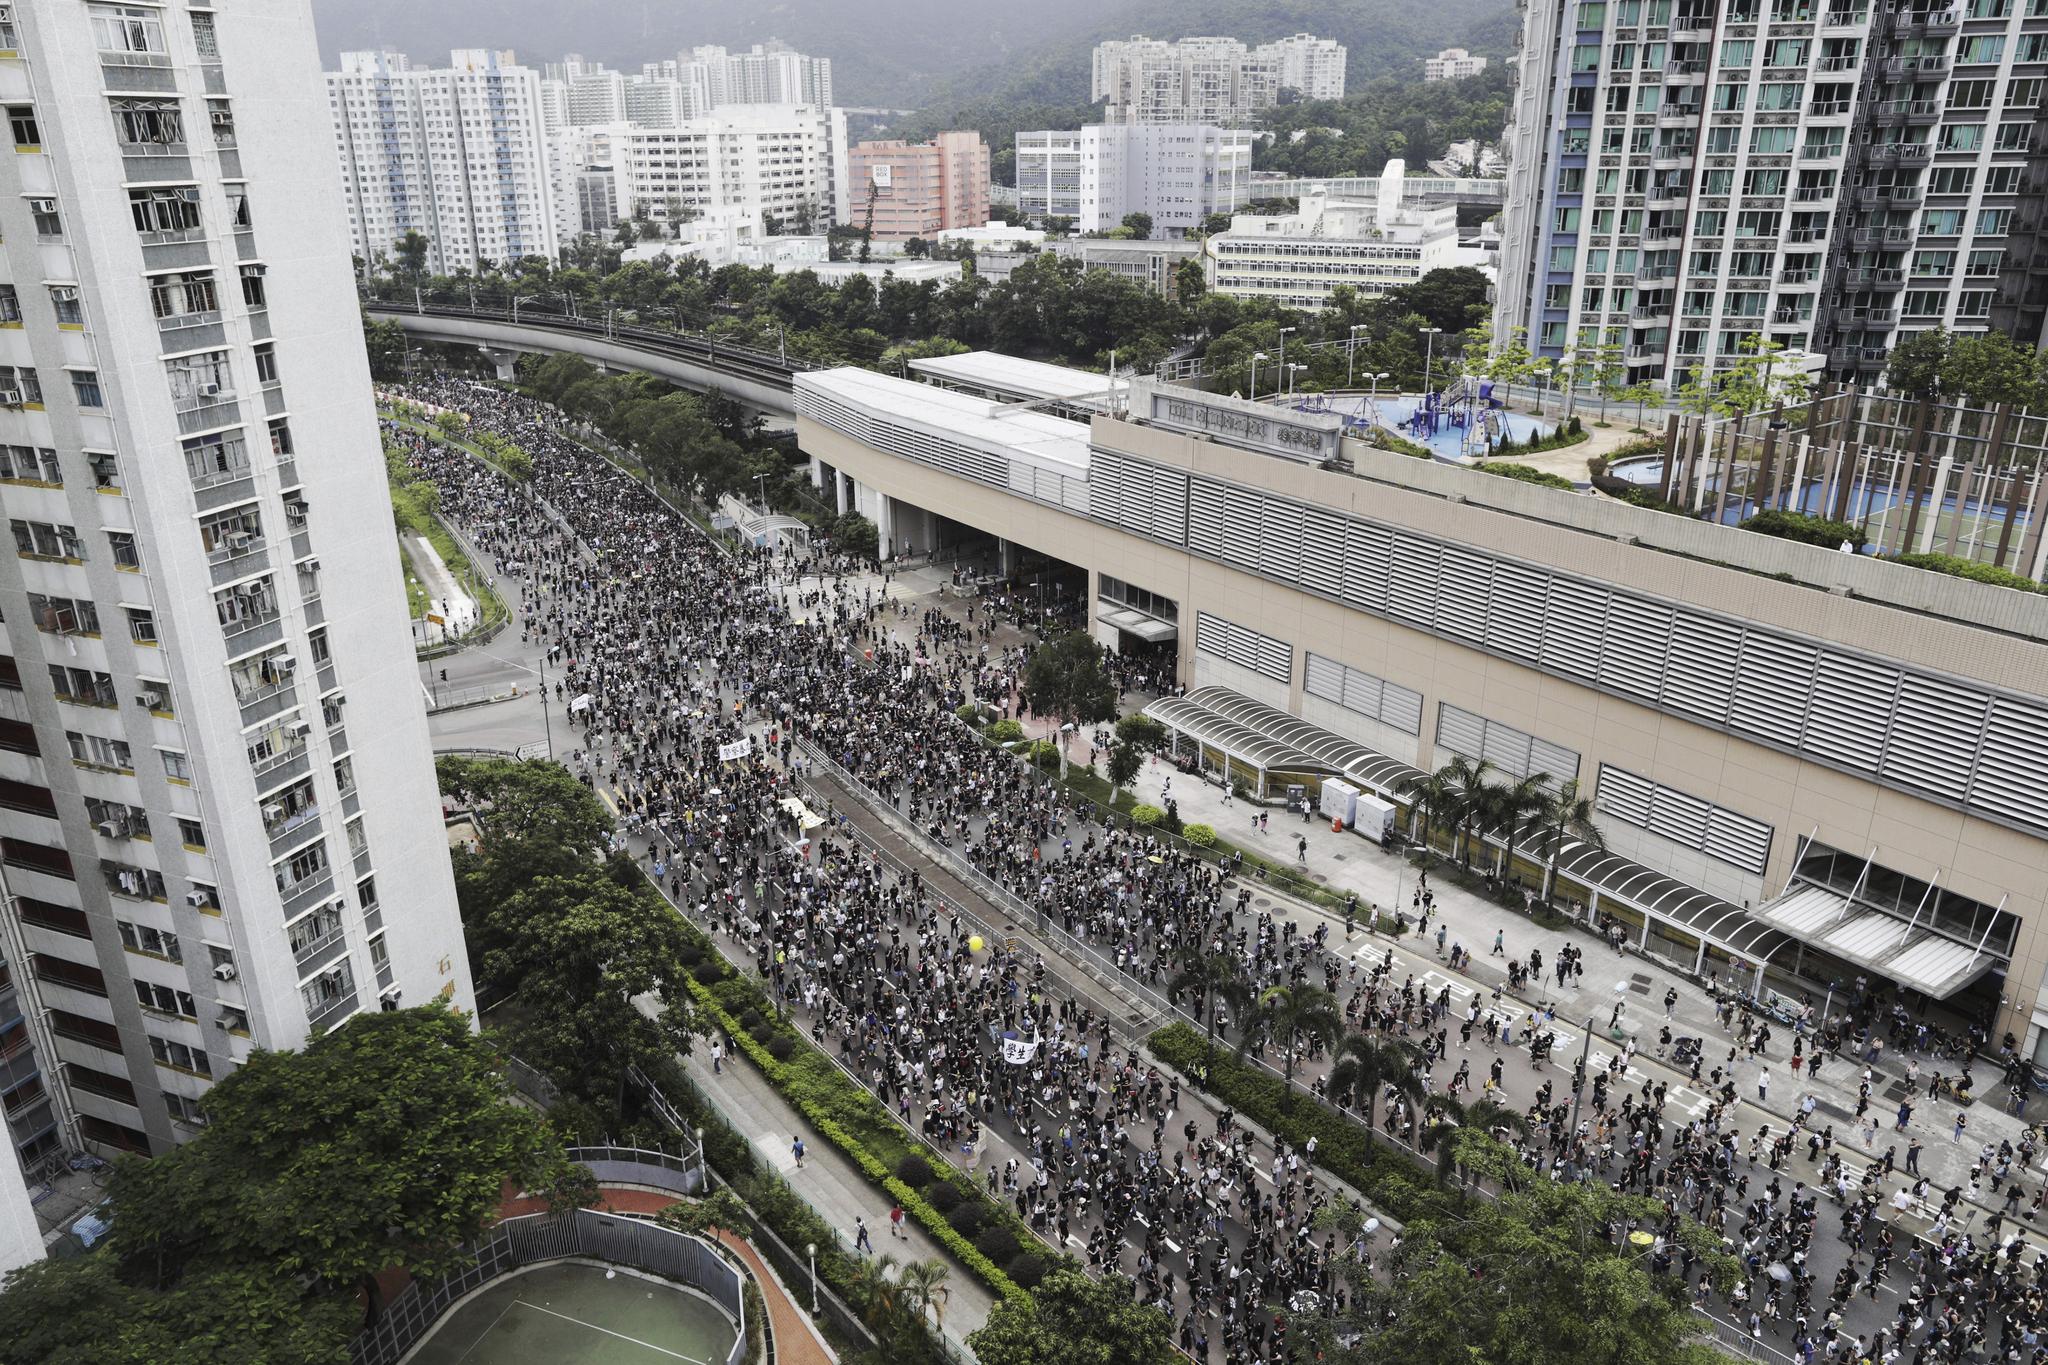 이날 시위대들이 샤텐지역 도로를 행진하고 있다. 이날 시위에는 주최측 추산 11만 5000여명이 참가했다. [AP=연합뉴스]